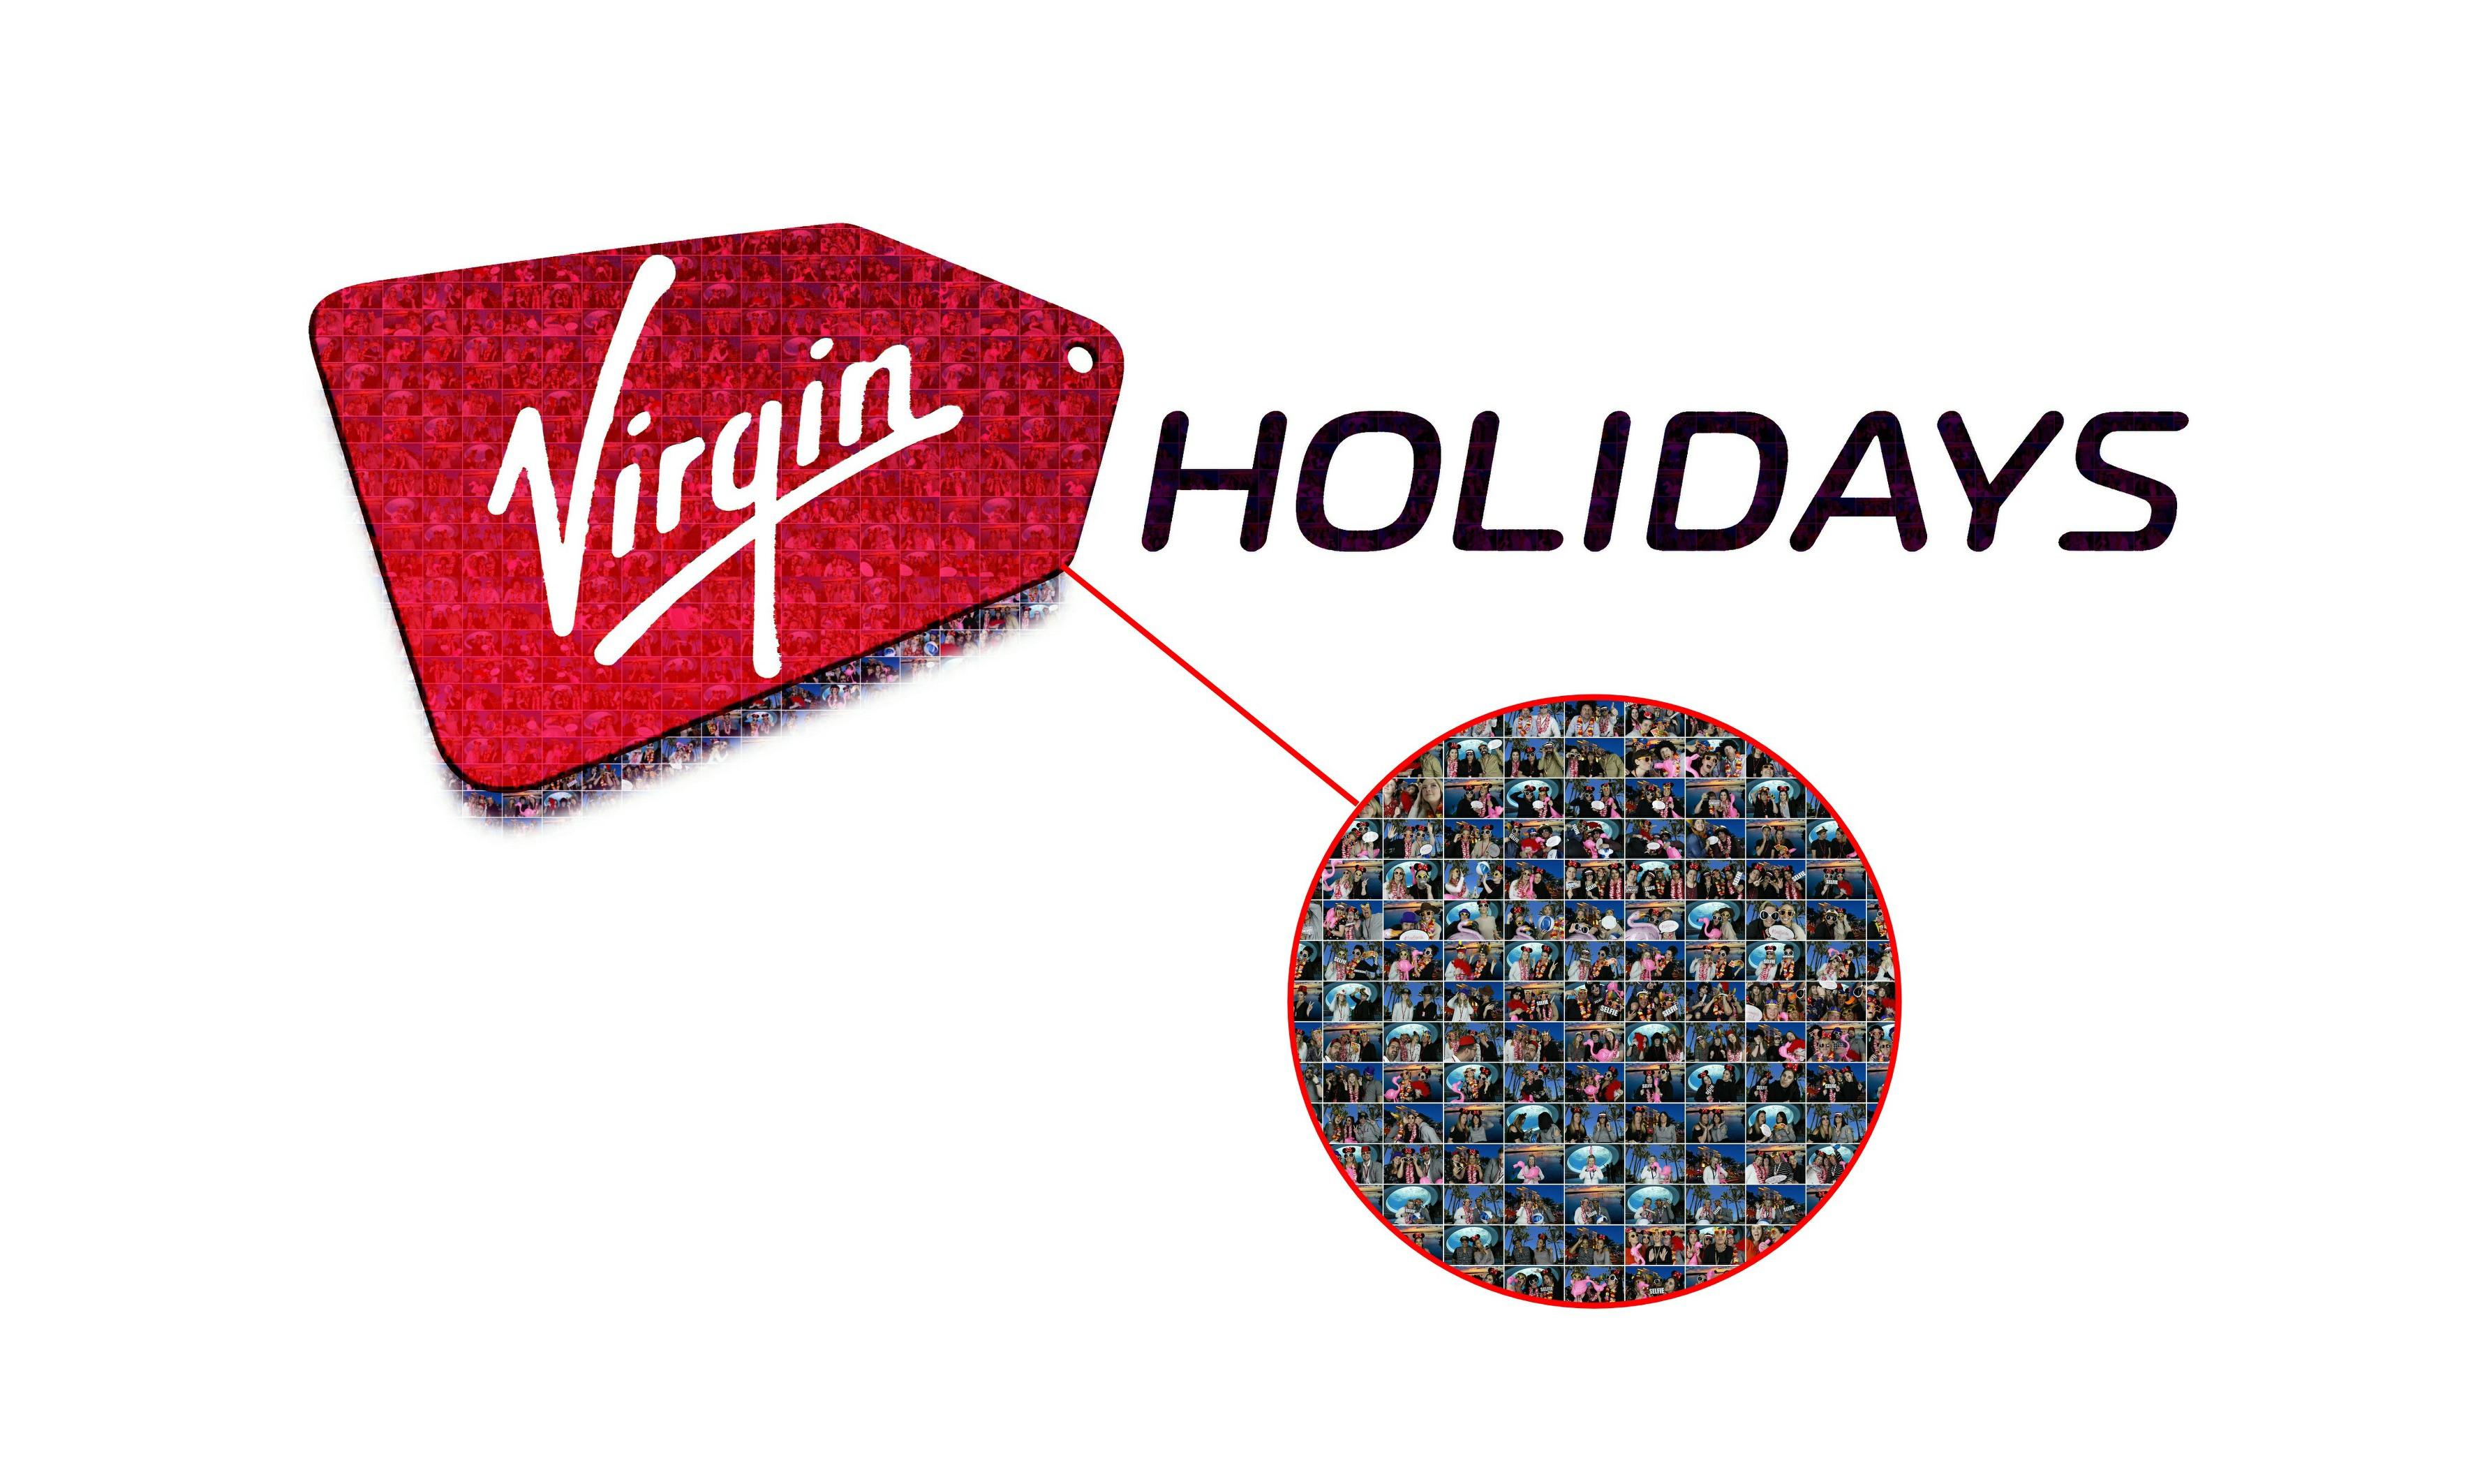 Mosaic Wall Virgin Holidays